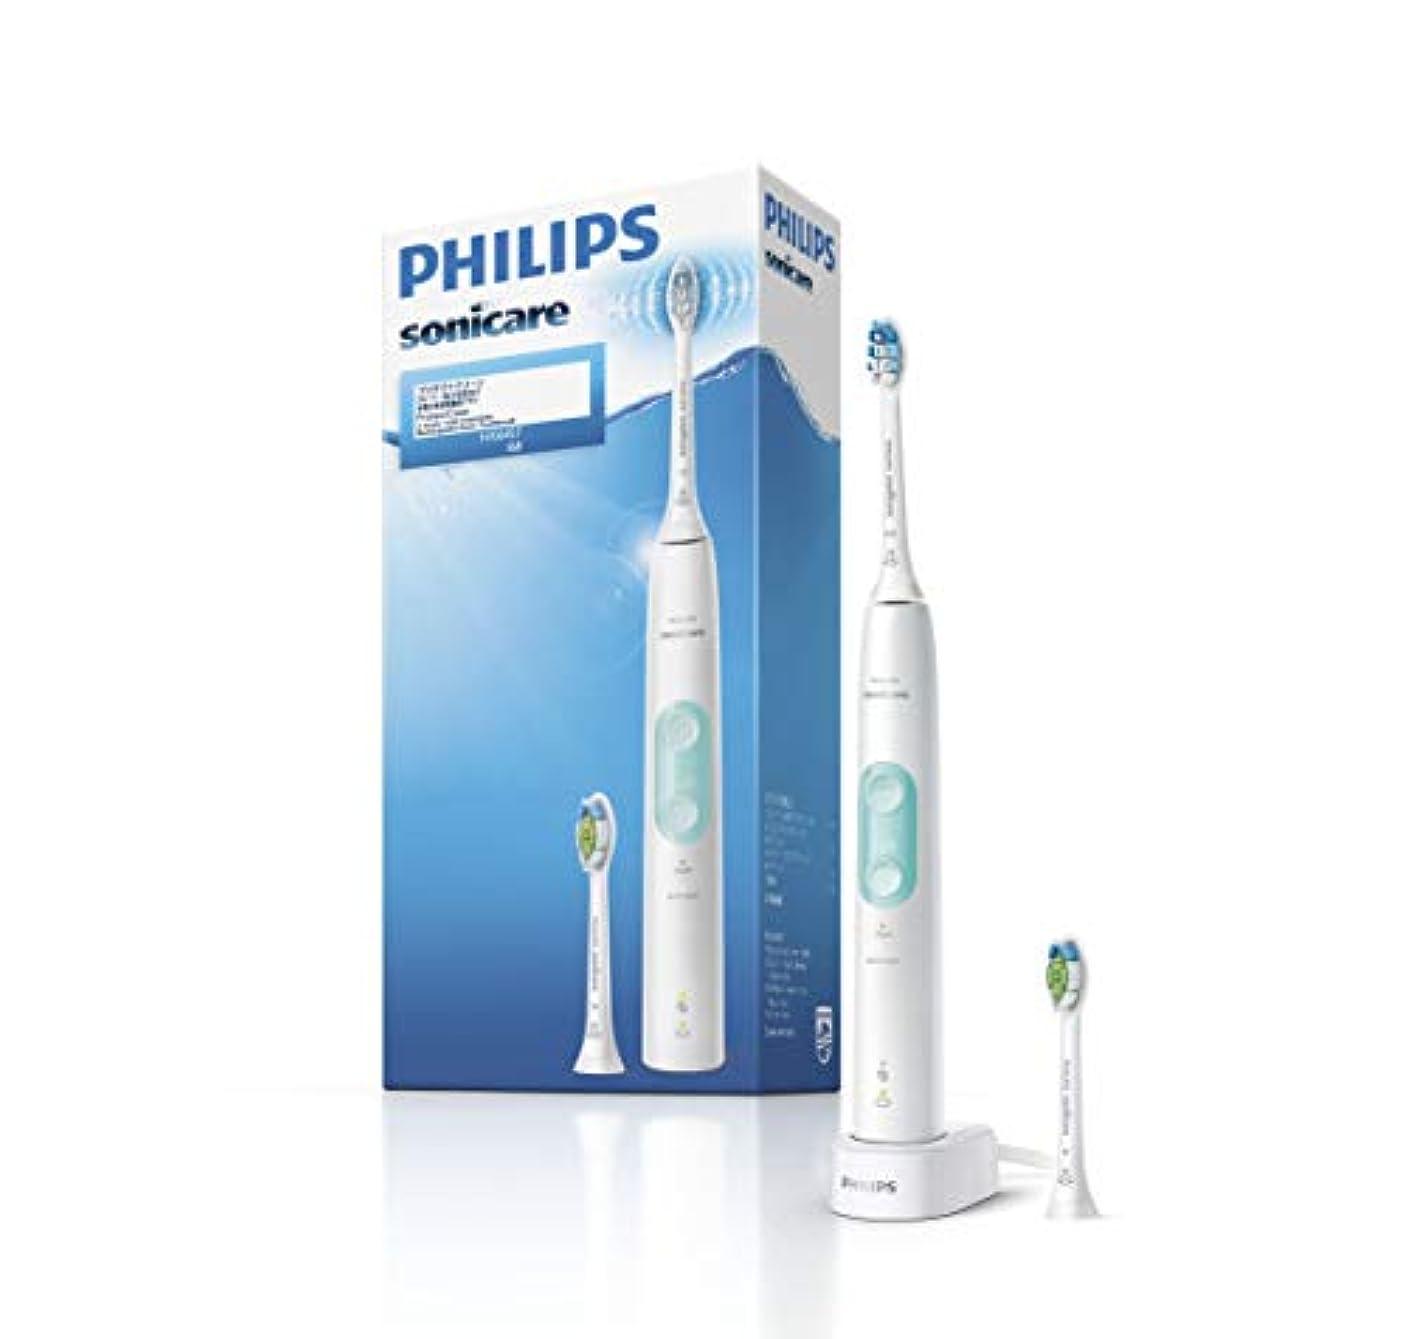 スペルデータ論理フィリップス ソニッケアー プロテクトクリーン プラス 電動歯ブラシ ホワイトミント HX6457/68